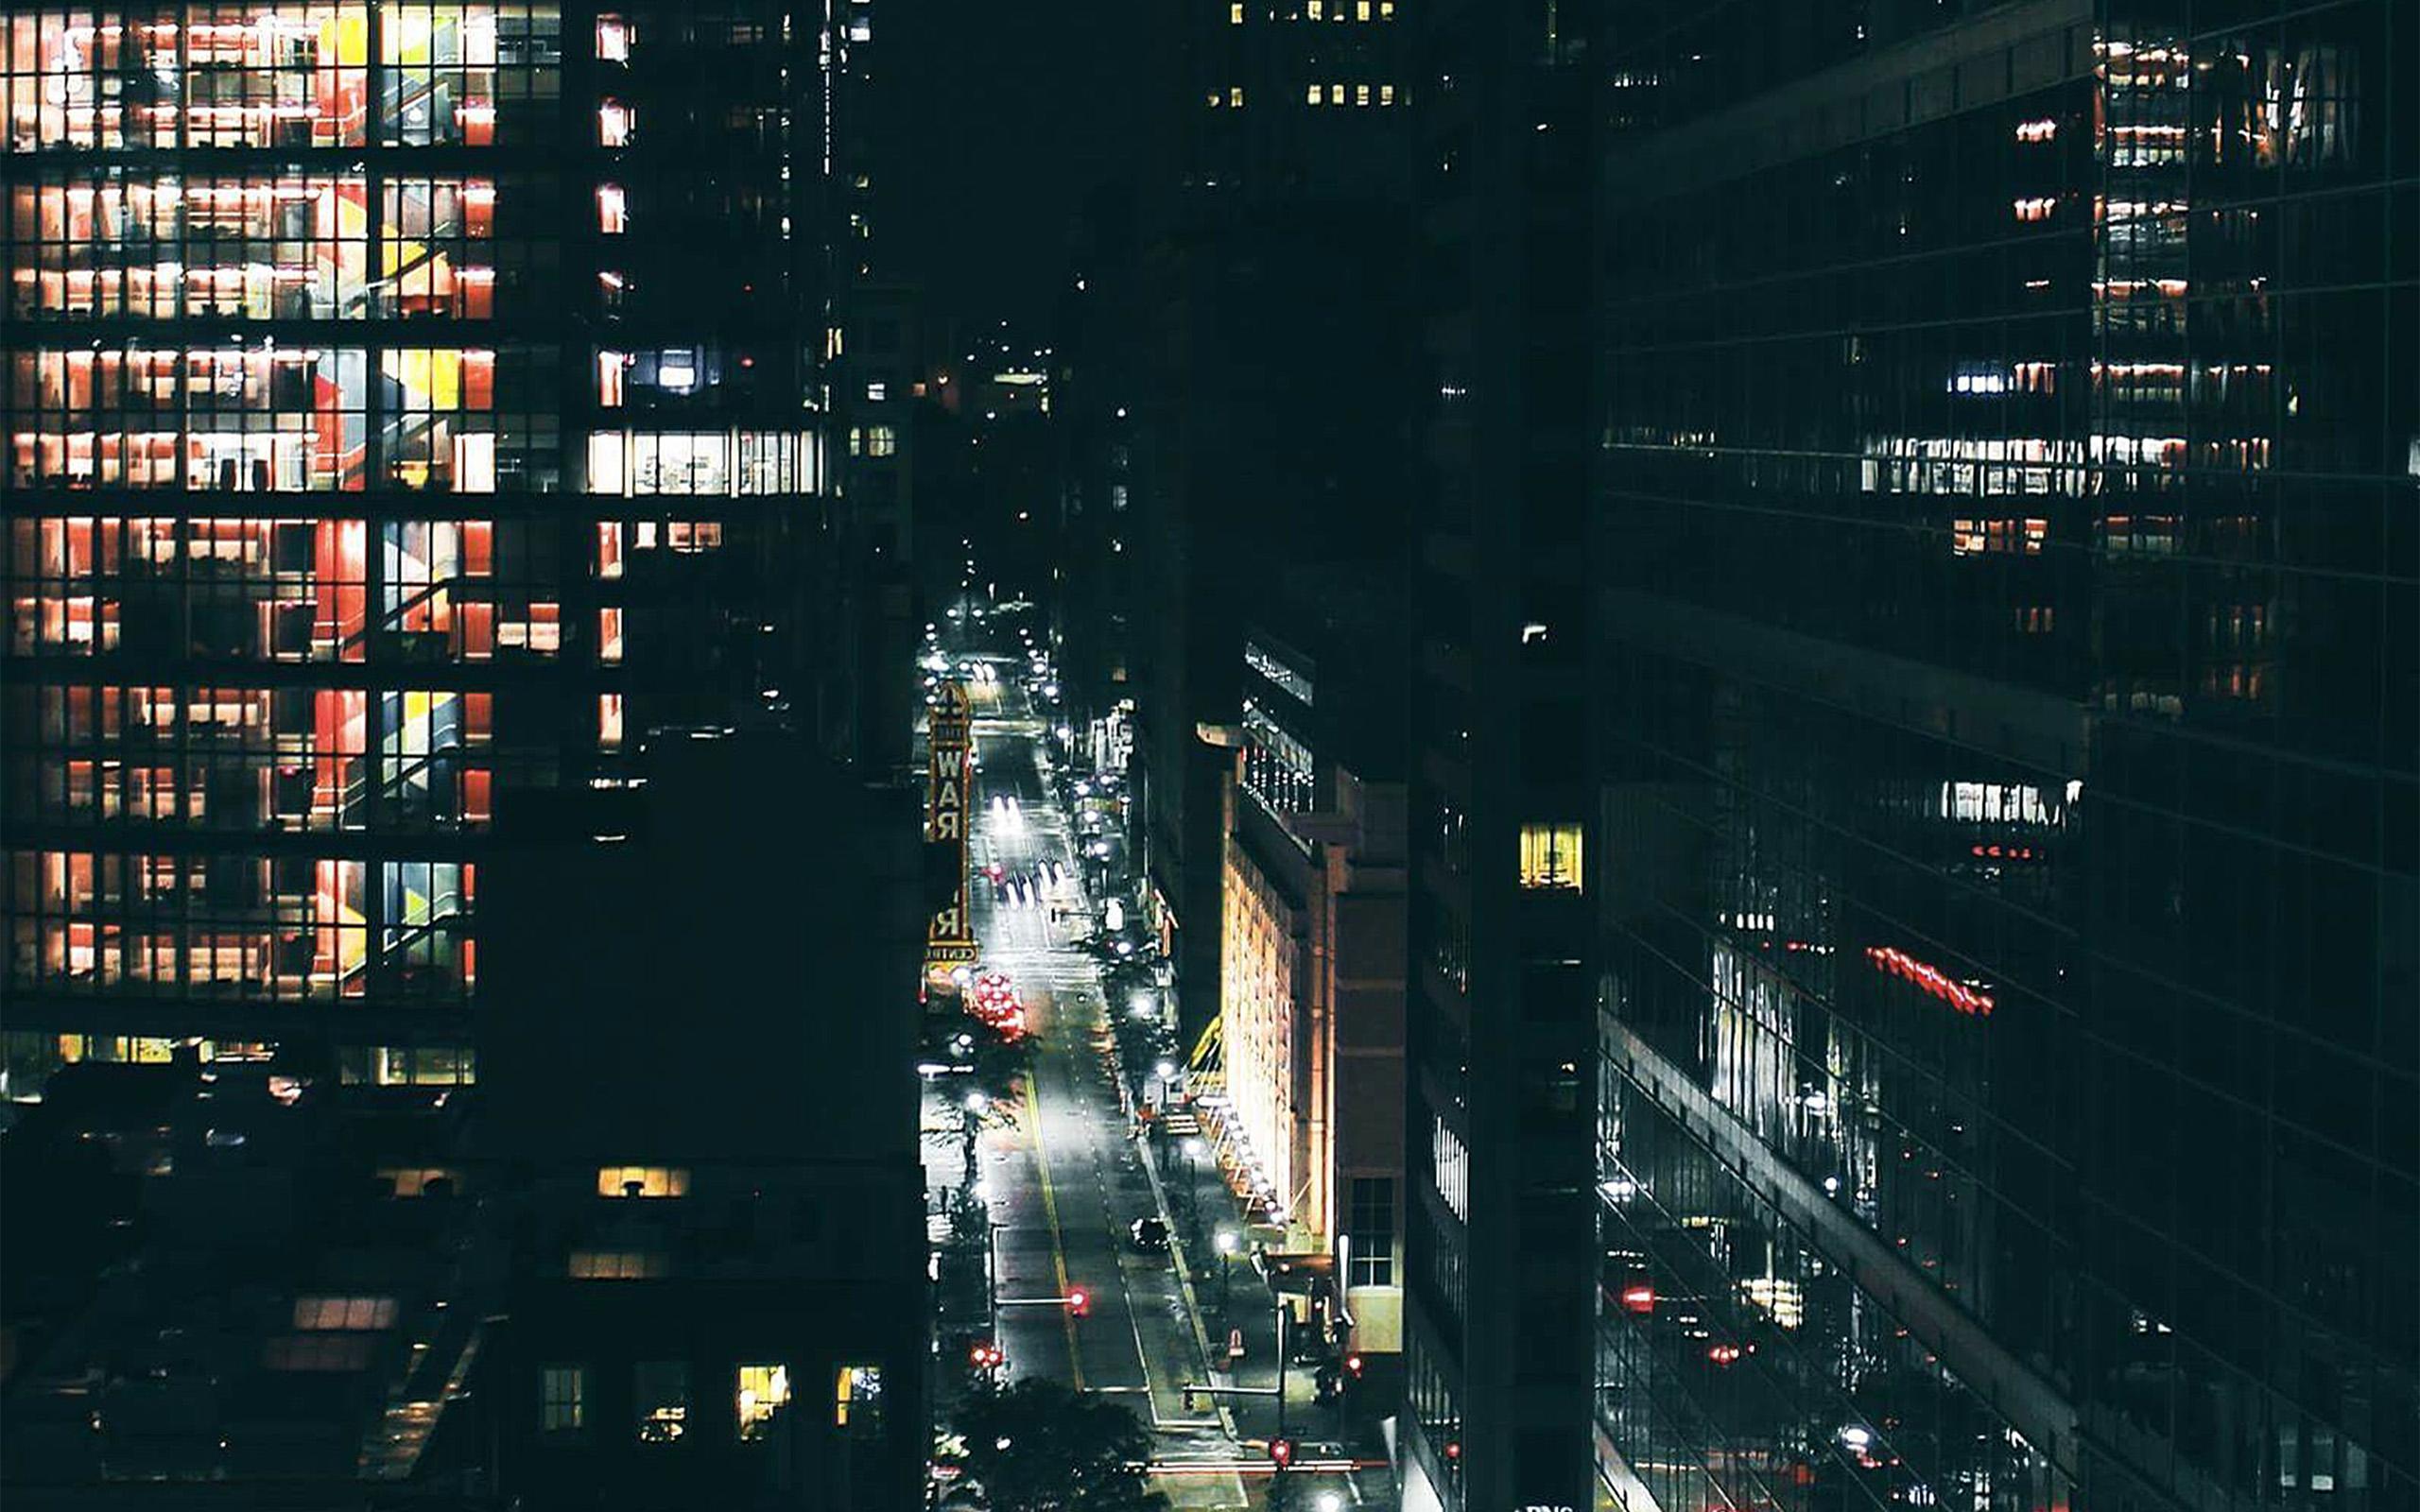 Nw62 City Night Traffic Dark Nature Wallpaper